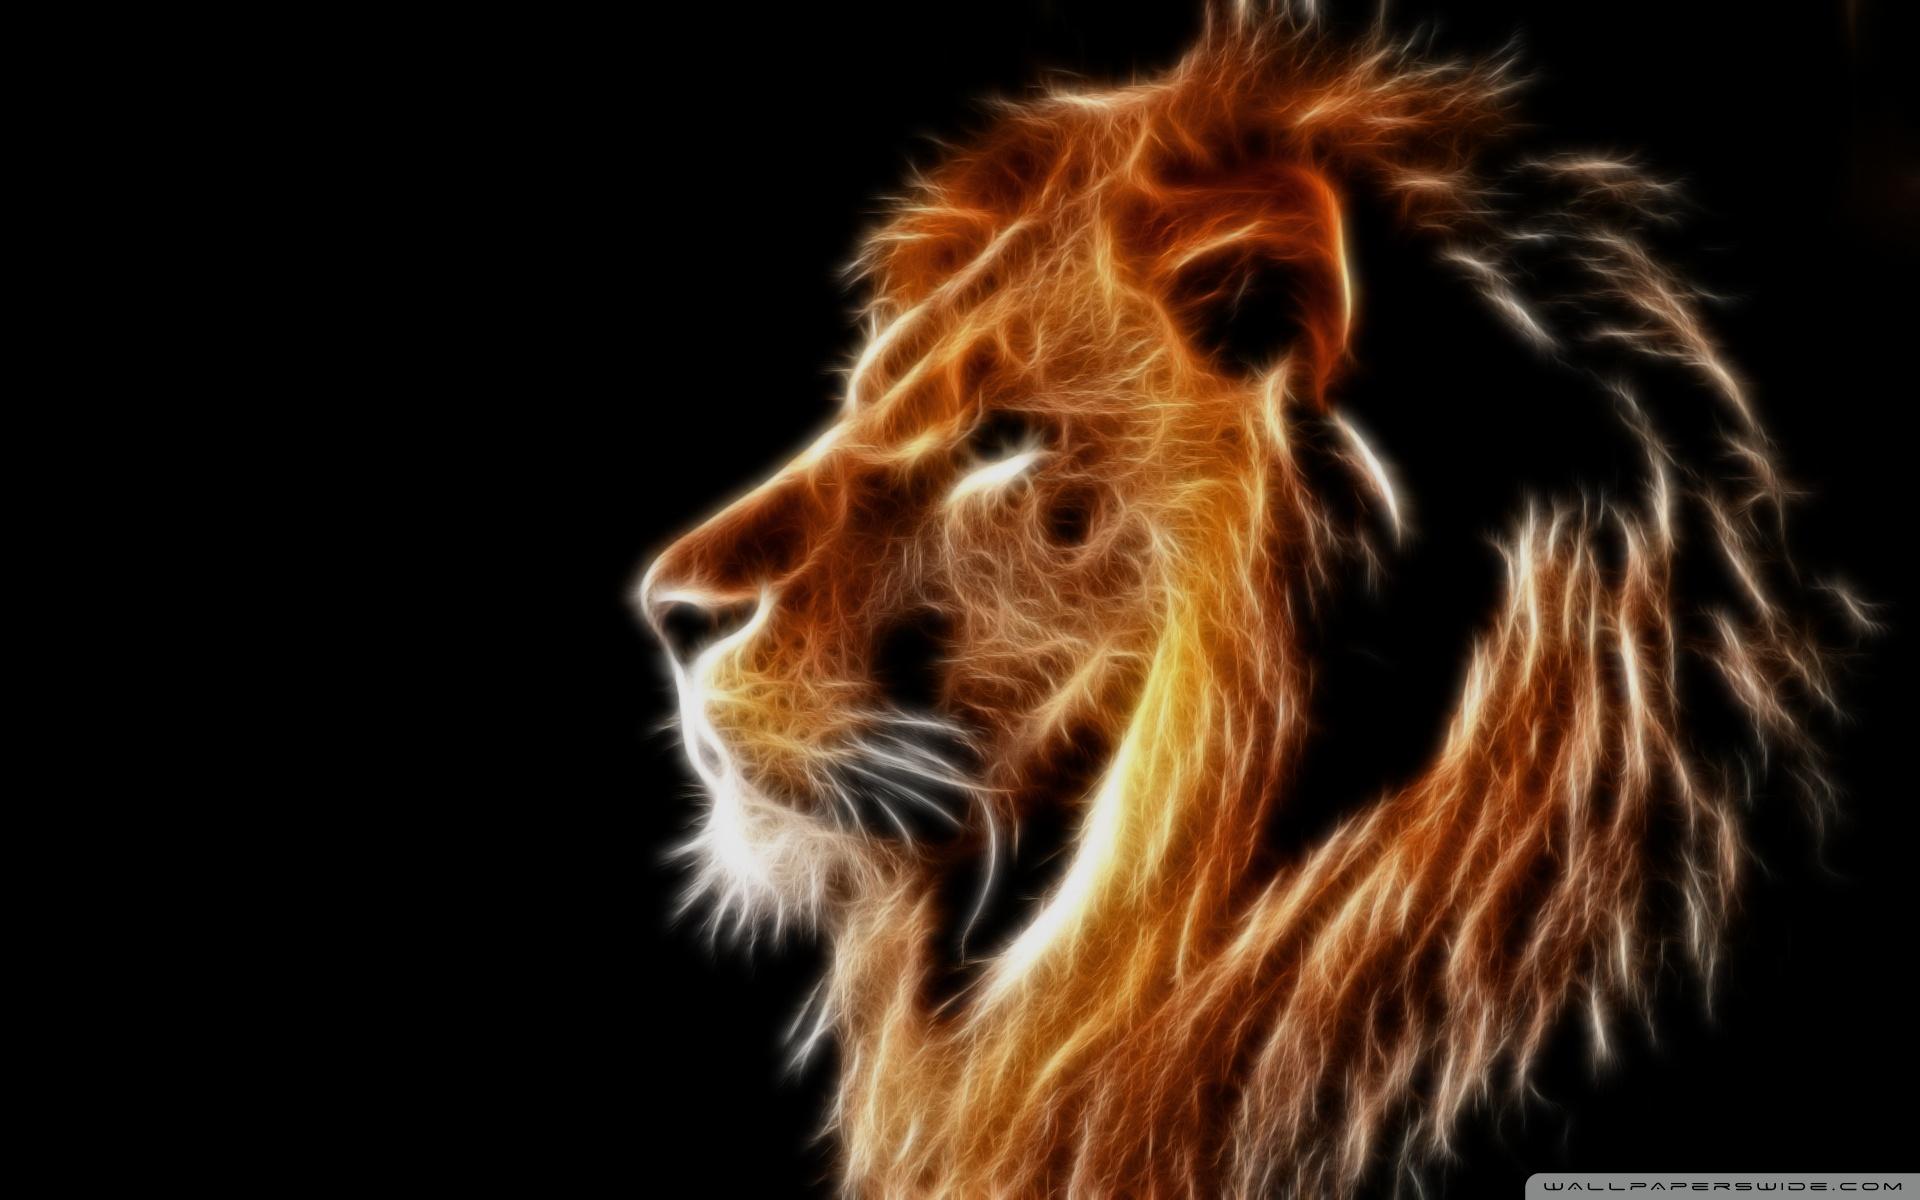 1 13271 glowing lion 4k hd desktop wallpaper for